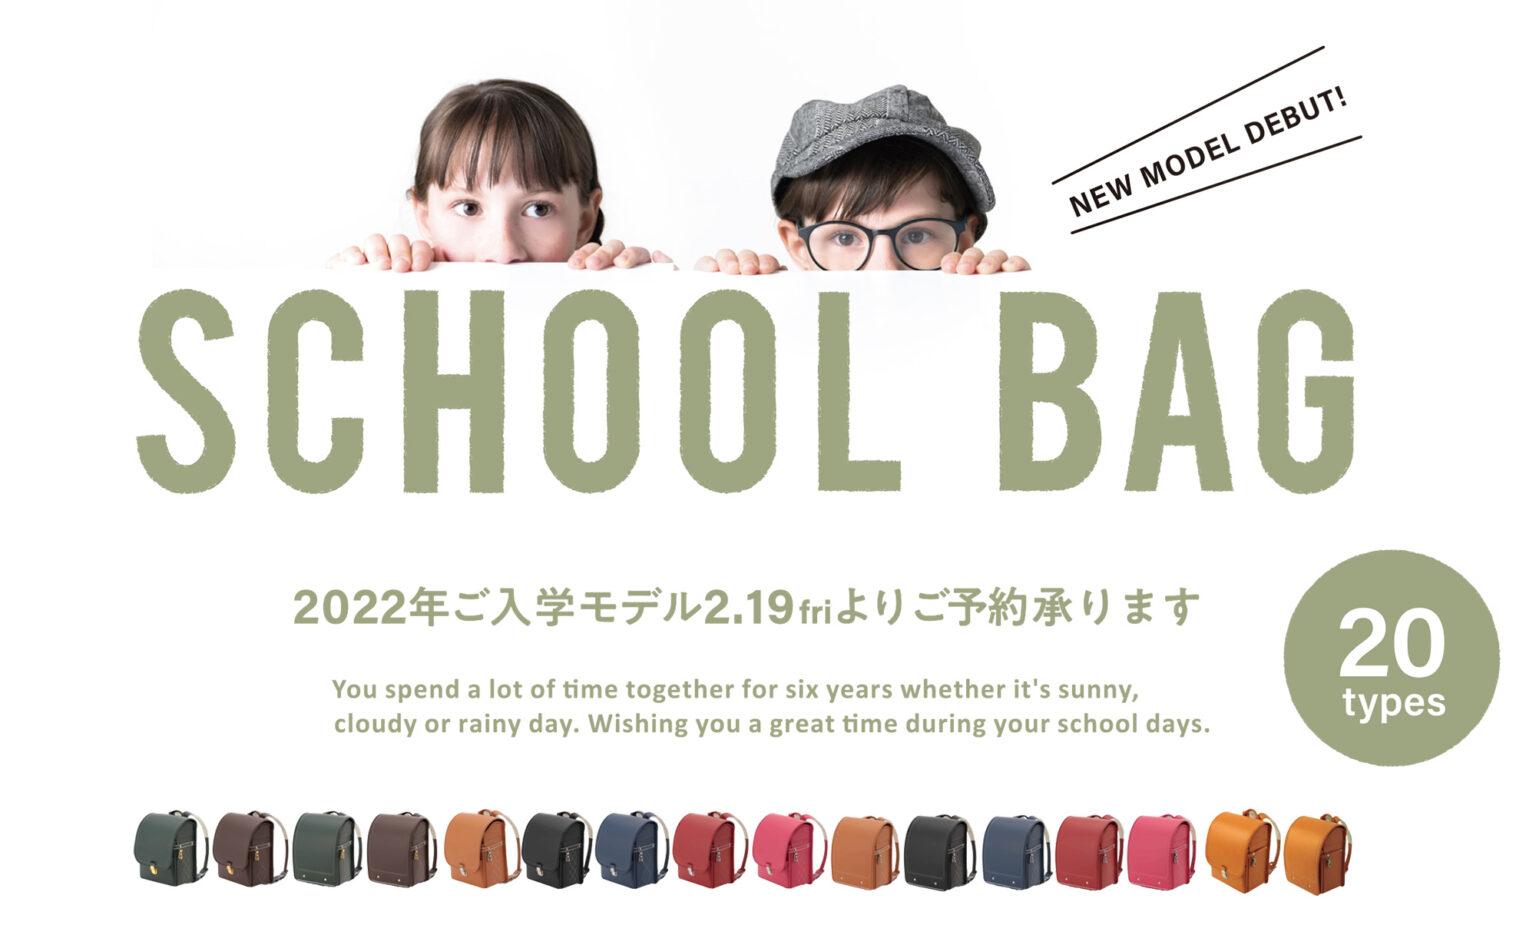 2022_schoolbag-1536x945